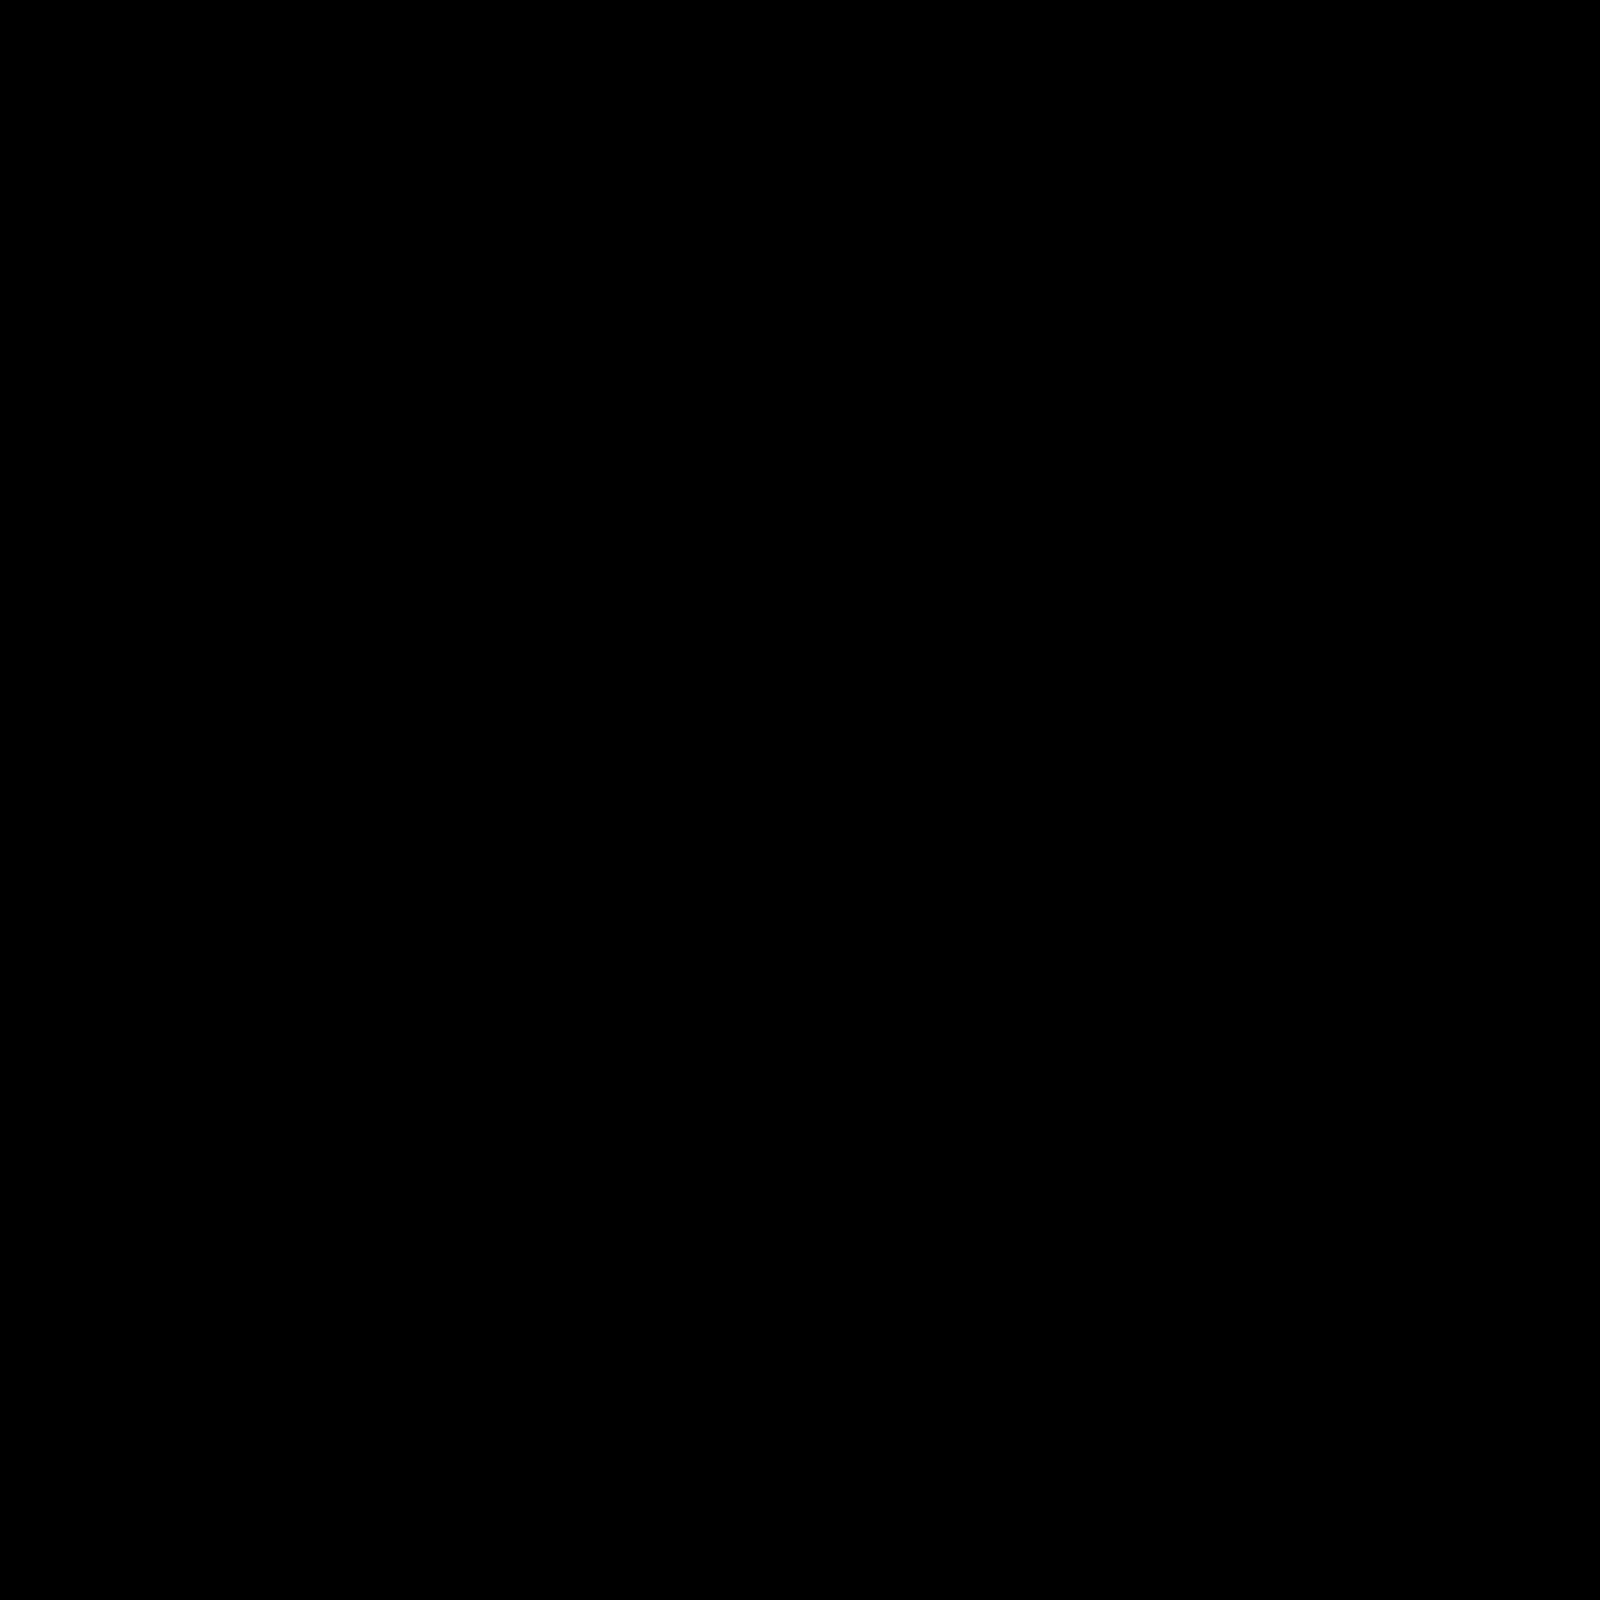 Żaglowiec icon